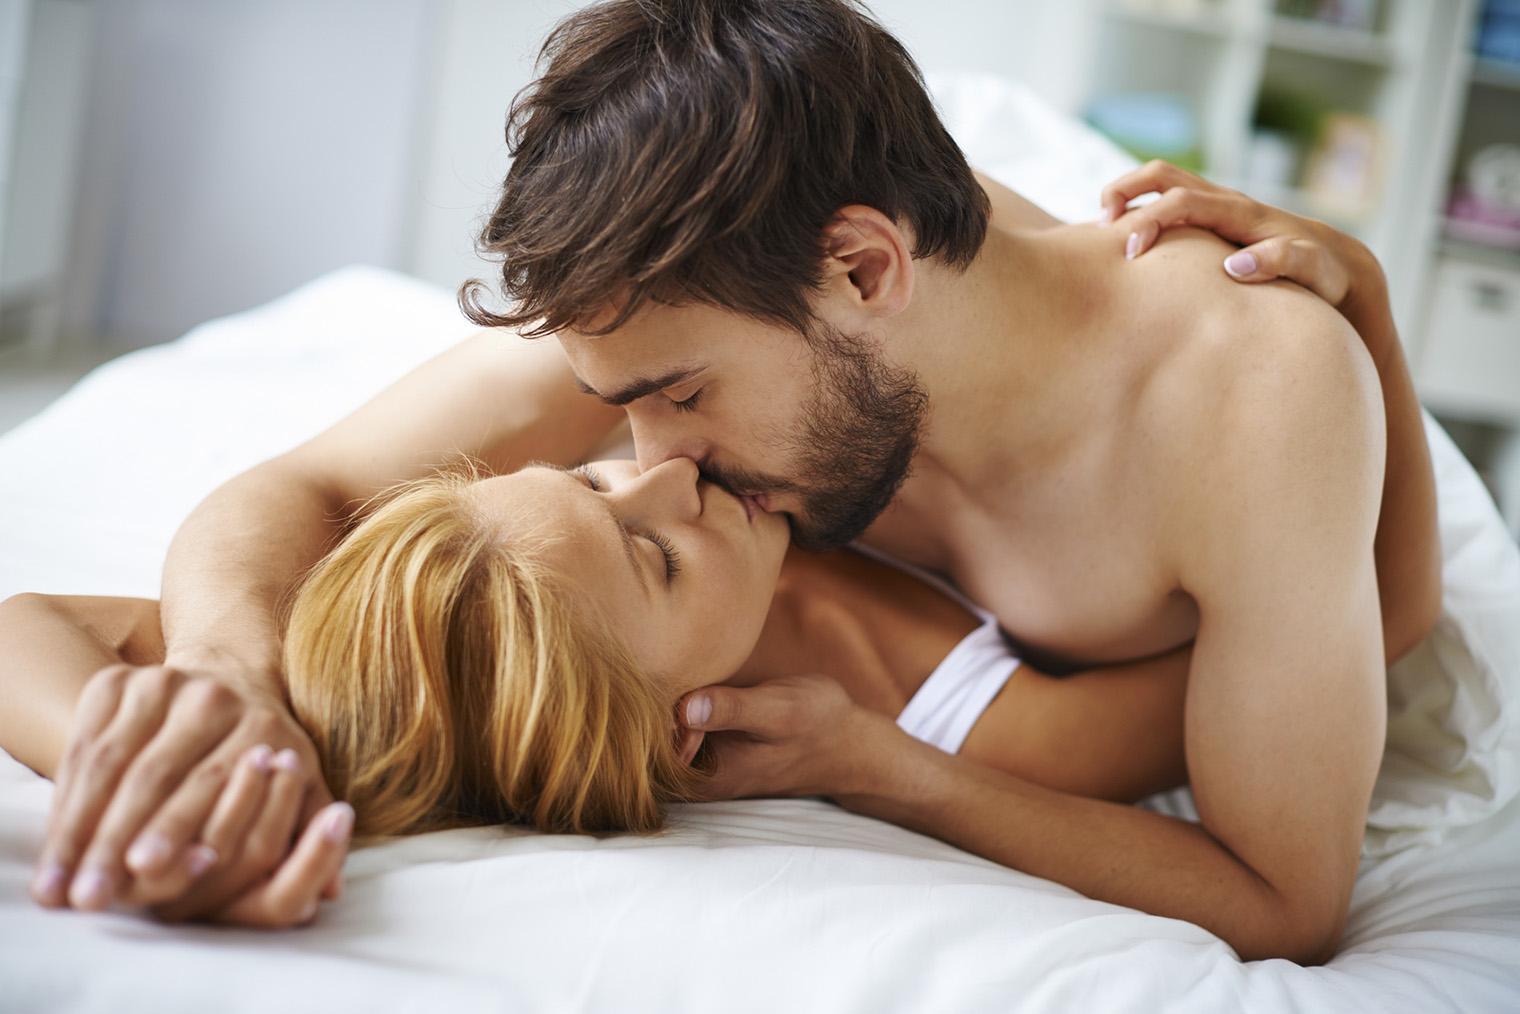 Смотреть видео как целуются в постели, взрослая баба дает в жопу